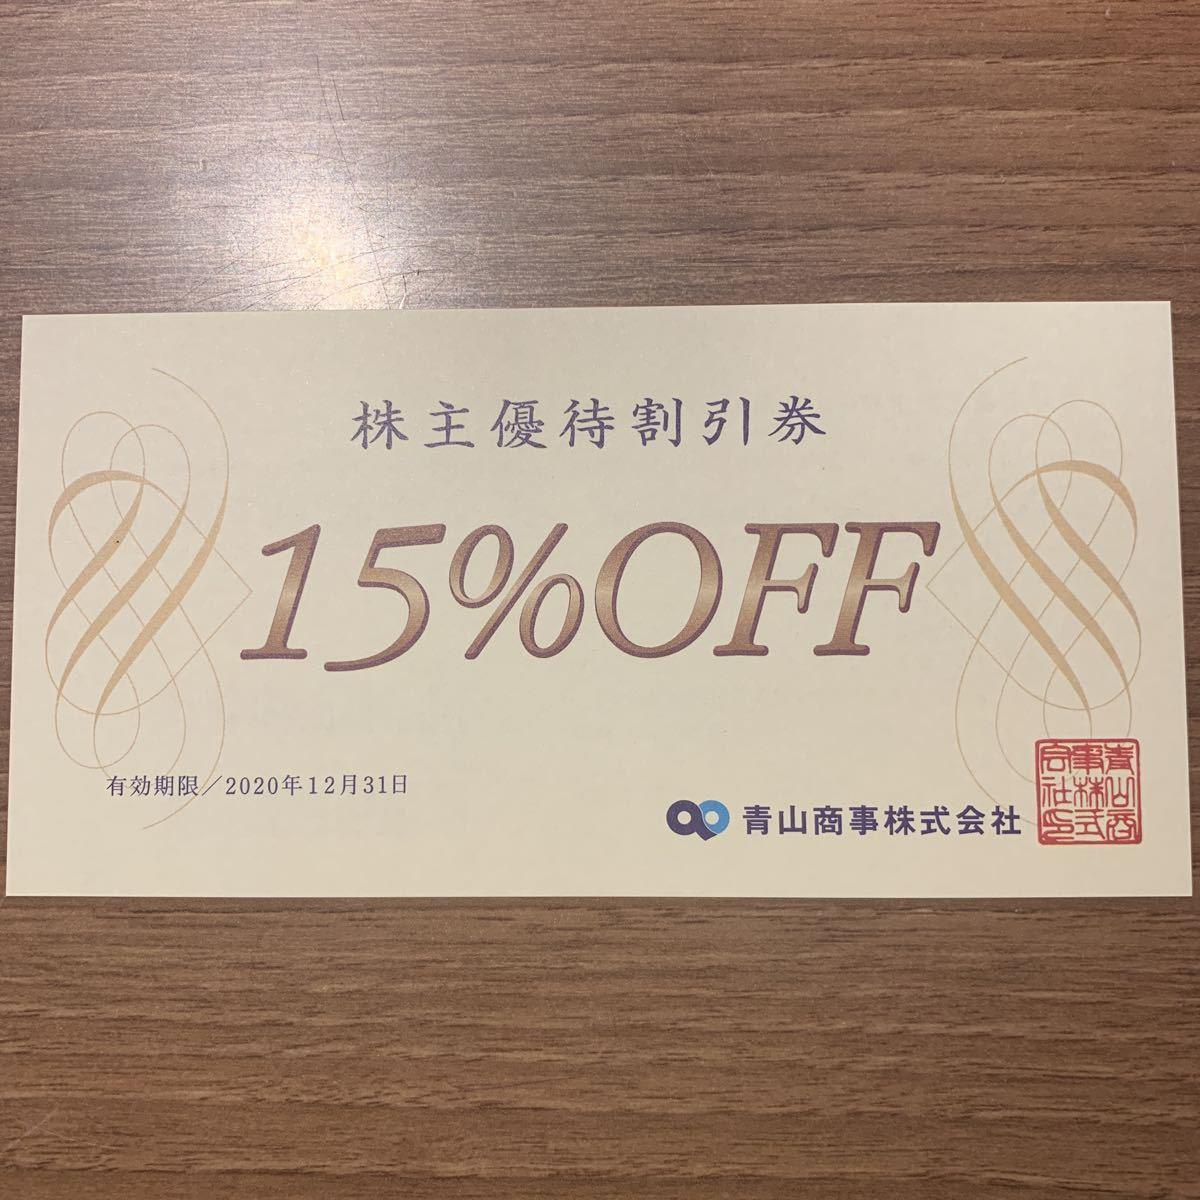 洋服の青山(青山商事) 株主優待割引券 15%OFF 1-4枚 有効期限:2020年12月31日_画像1